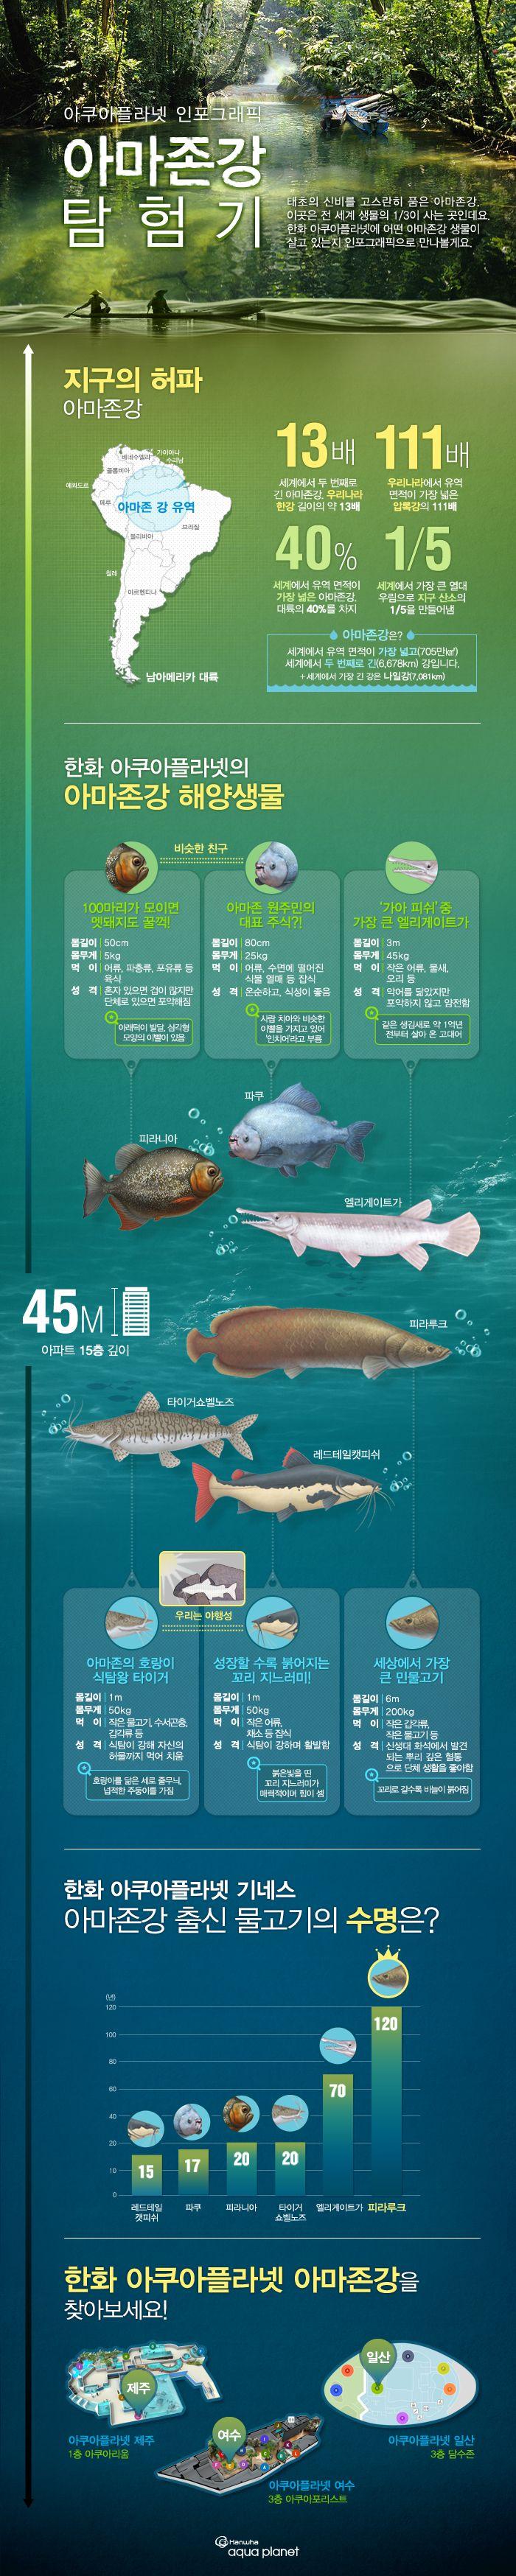 아마존강 해양생물에 관한 인포그래픽